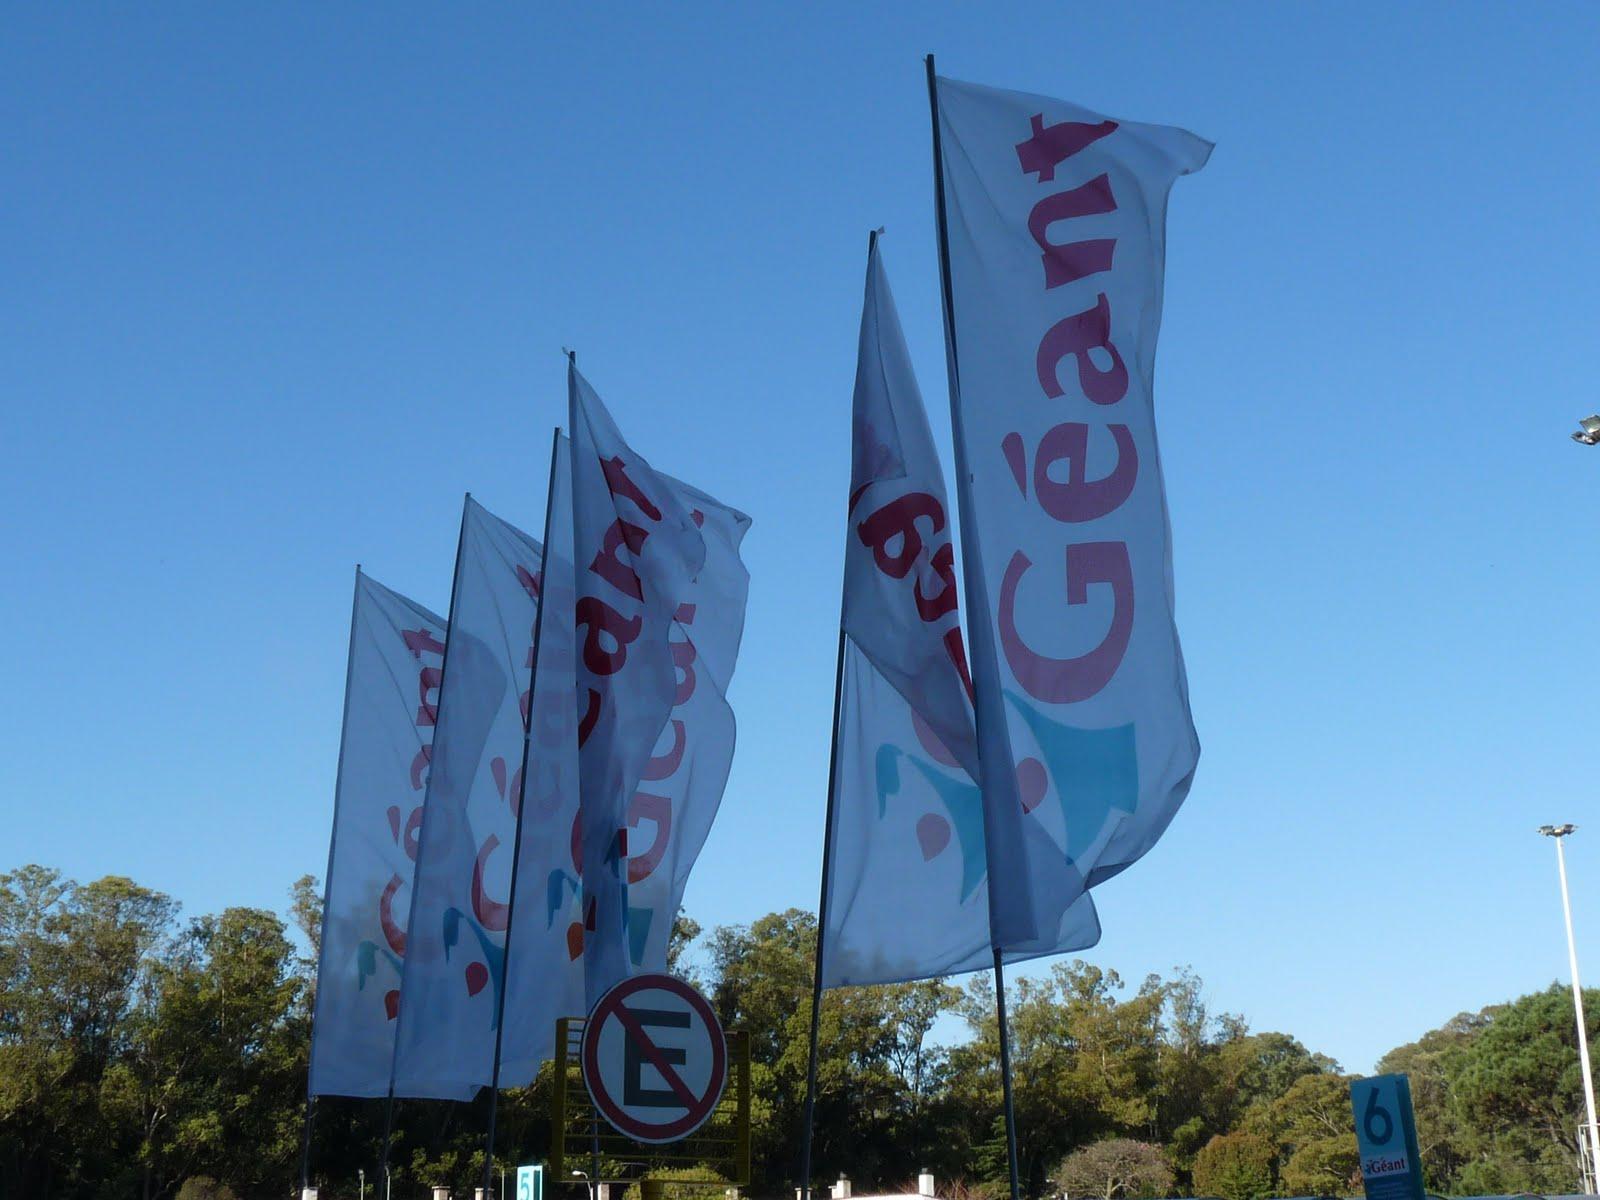 Geant casino uruguay